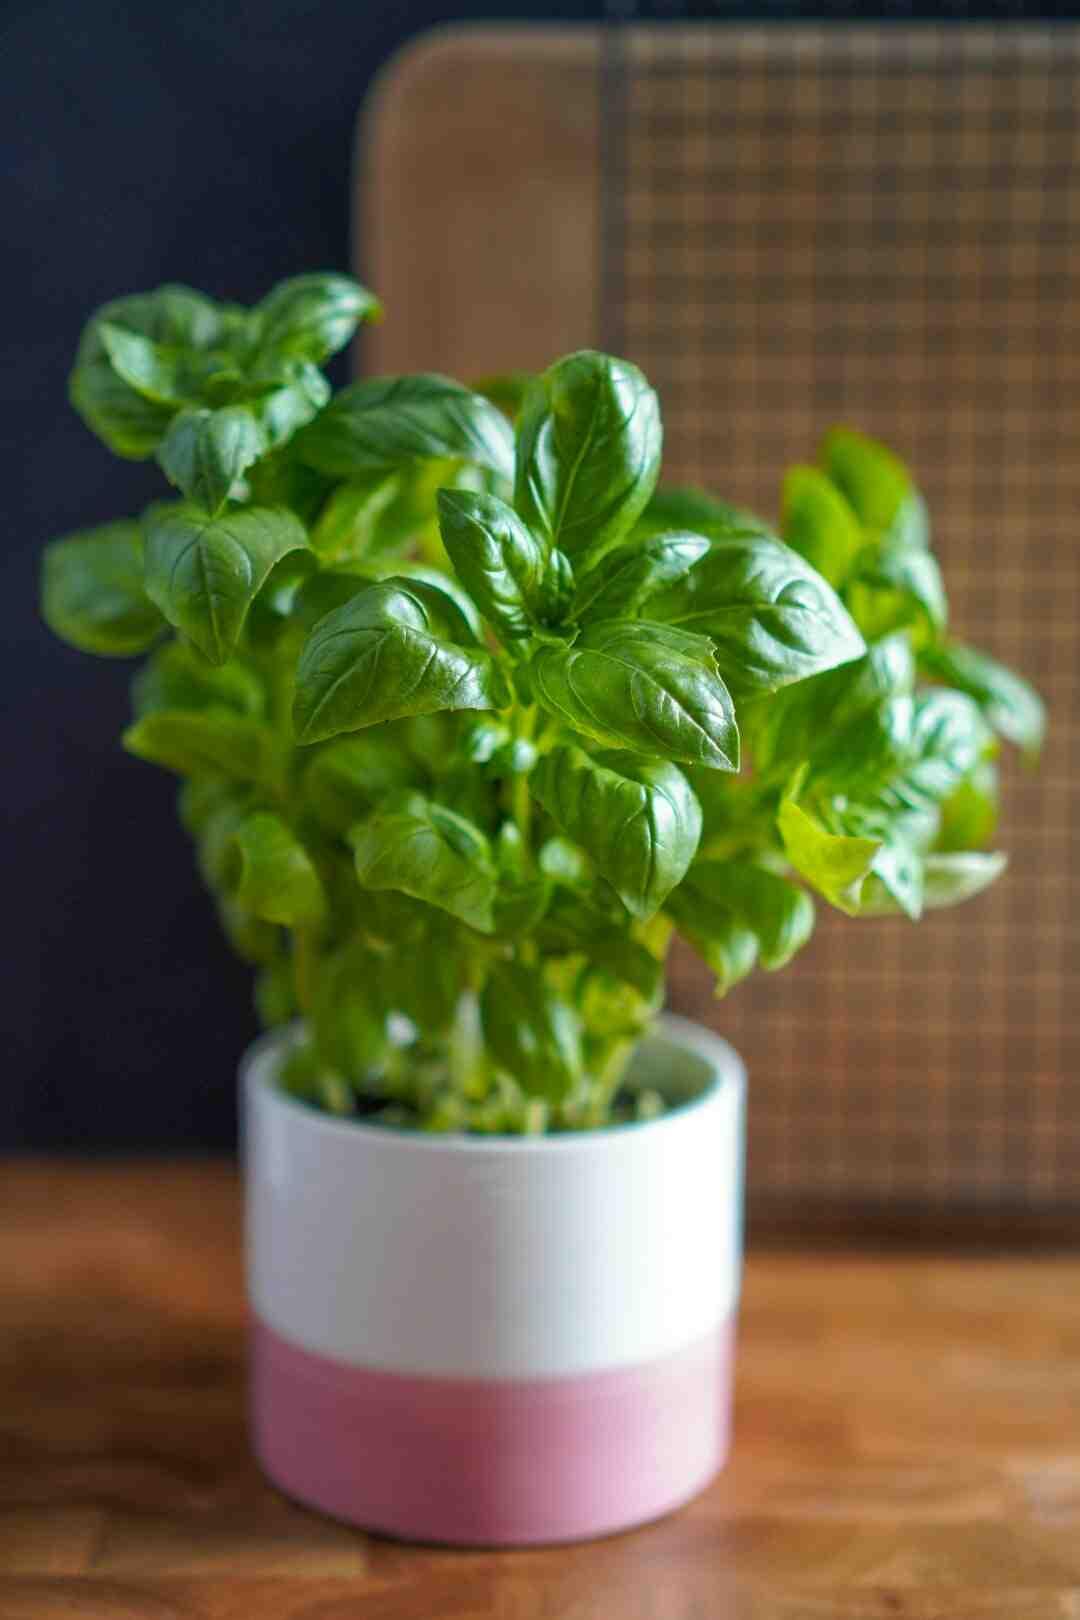 Comment faire pousser du basilic en appartement ?